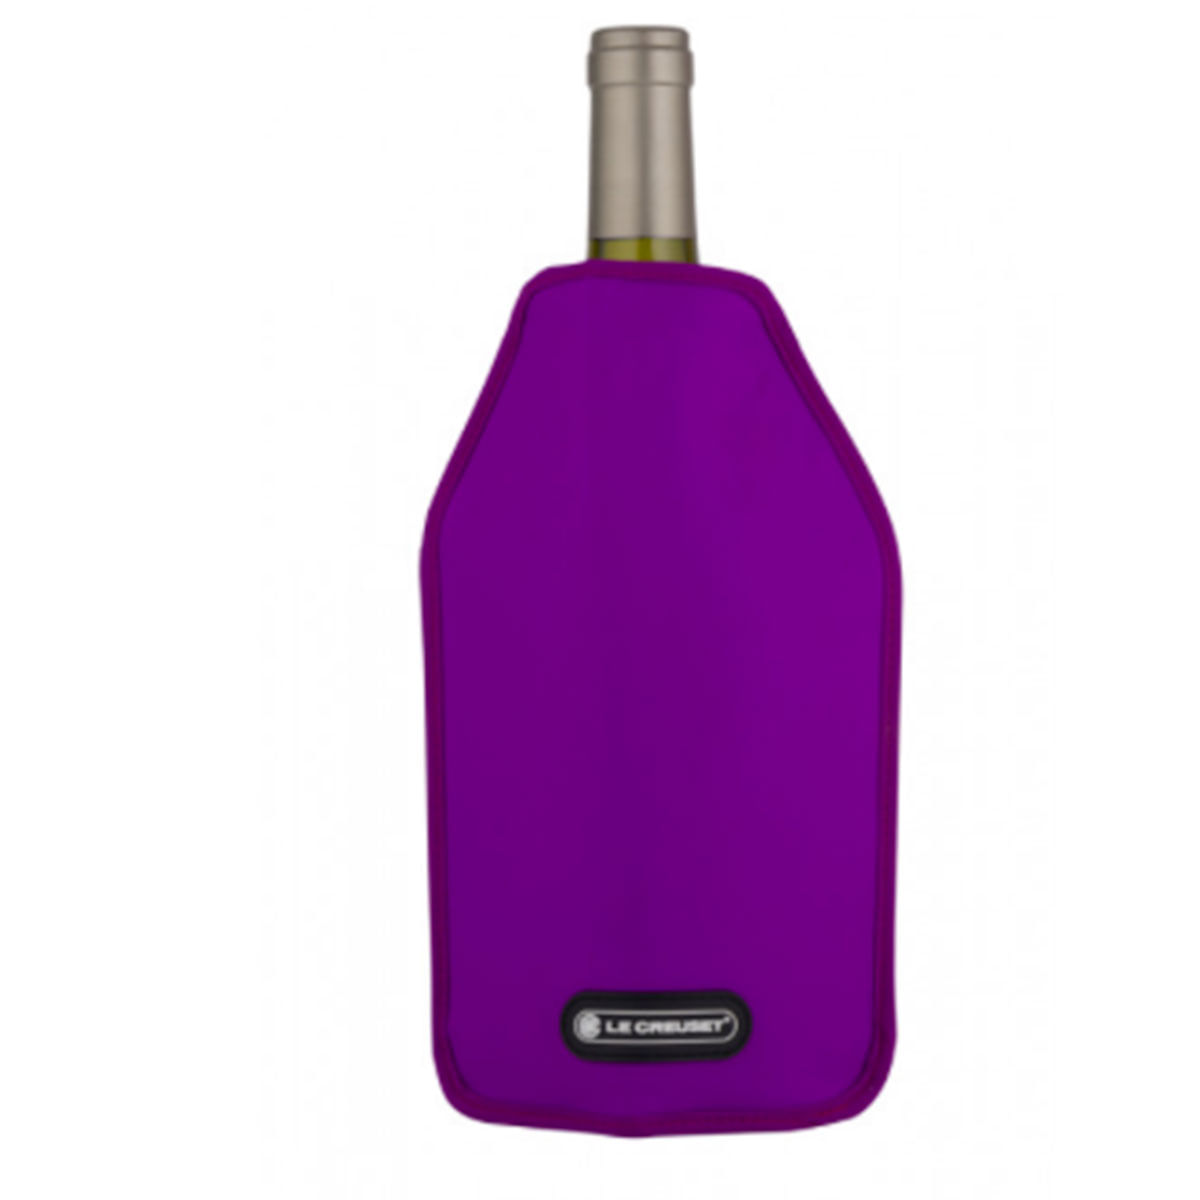 Cooler Sleeve Wa126 Purple Shiny Le Creuset